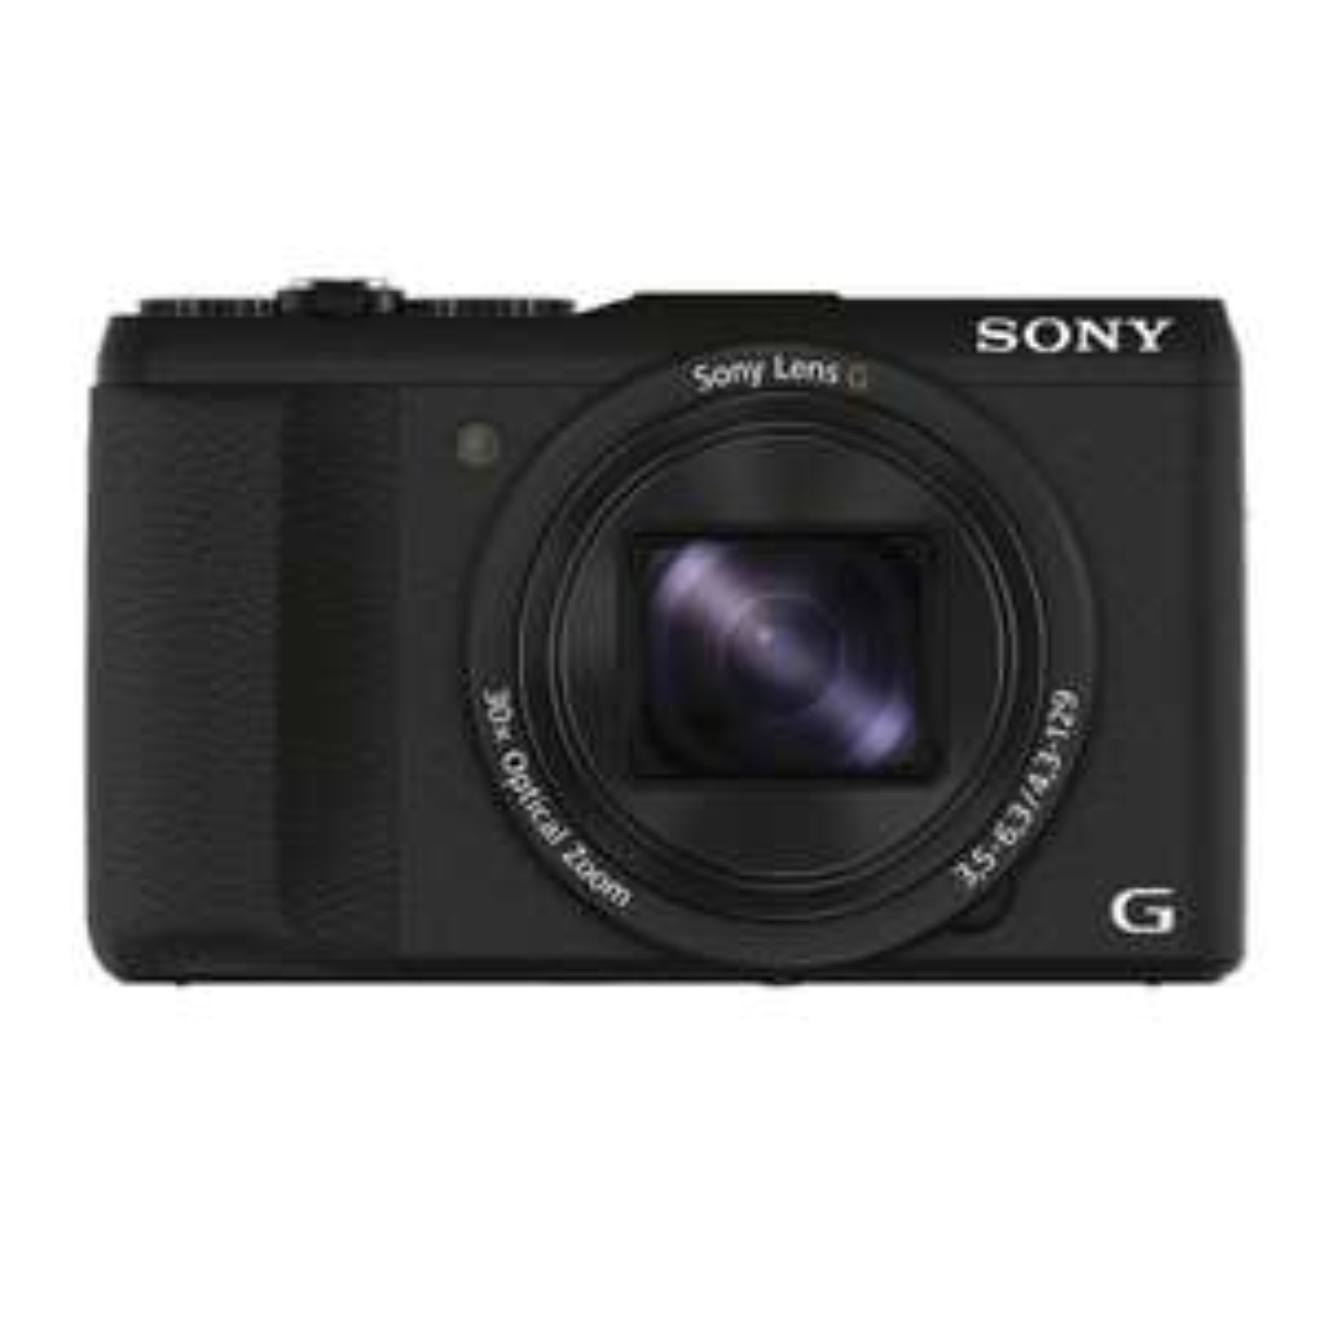 [Membres Premium] Appareil photo numérique Sony DSCHX60B